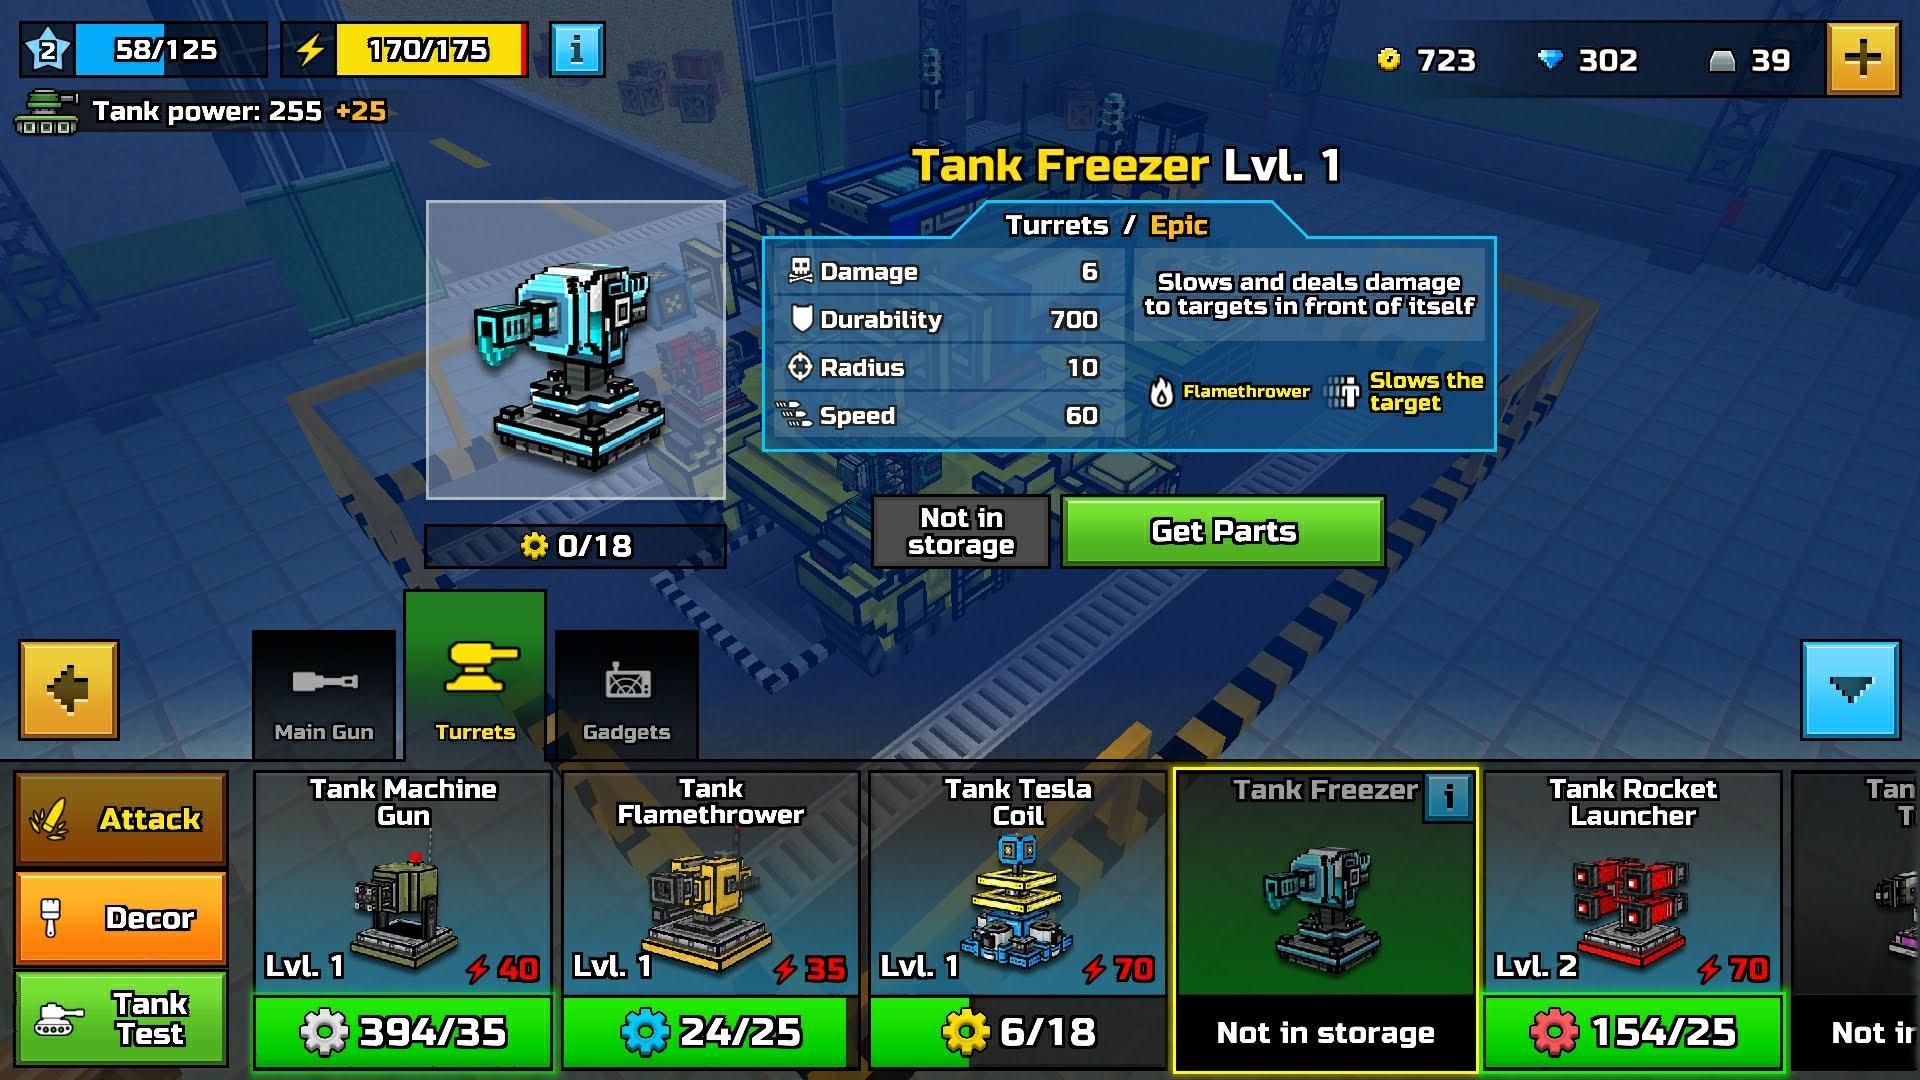 Tank Freezer